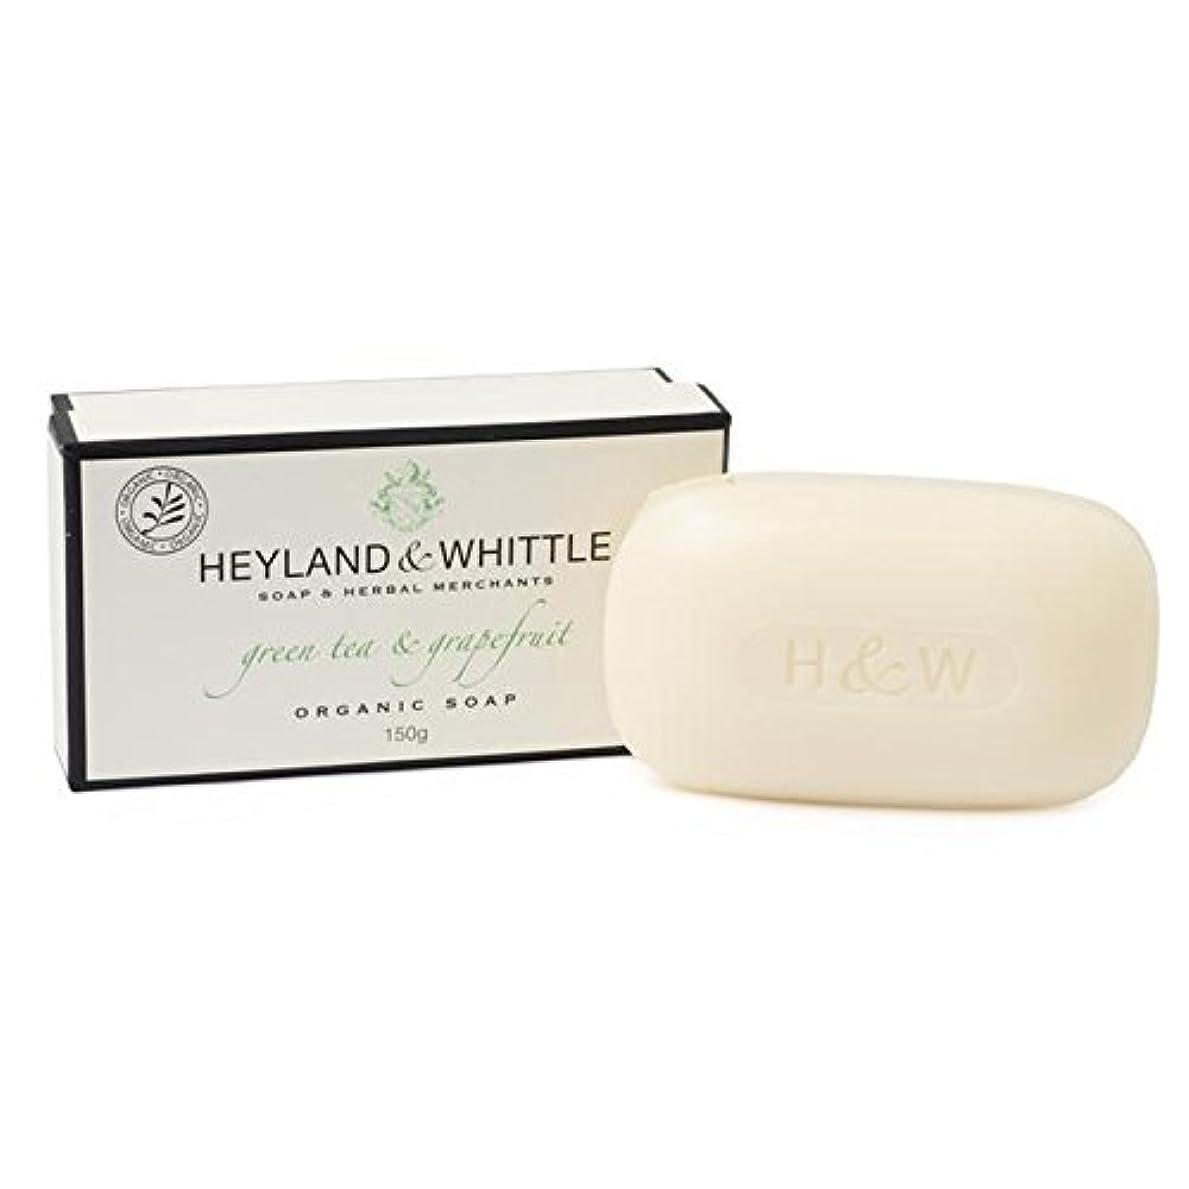 スポーツの試合を担当している人贅沢人事&削る緑茶&グレープフルーツはオーガニックソープ150グラム箱入り x2 - Heyland & Whittle Green Tea & Grapefruit Boxed Organic Soap 150g (Pack...